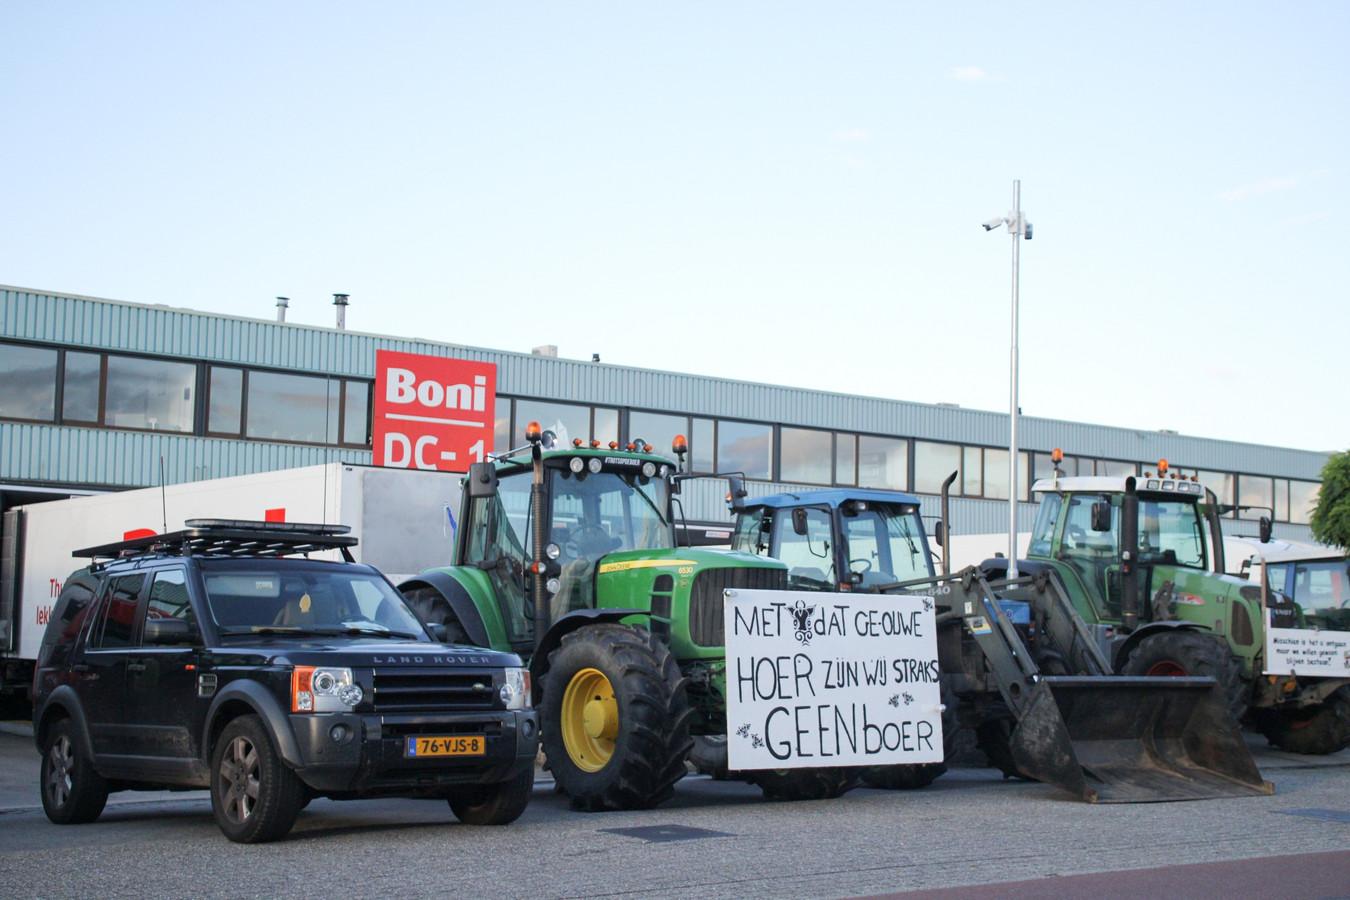 NIJKERK - Vrijdagavond 10 juli rond 20.00 uur hebben meerdere boeren het distributiecentrum van Boni in Nijkerk geblokkeerd.